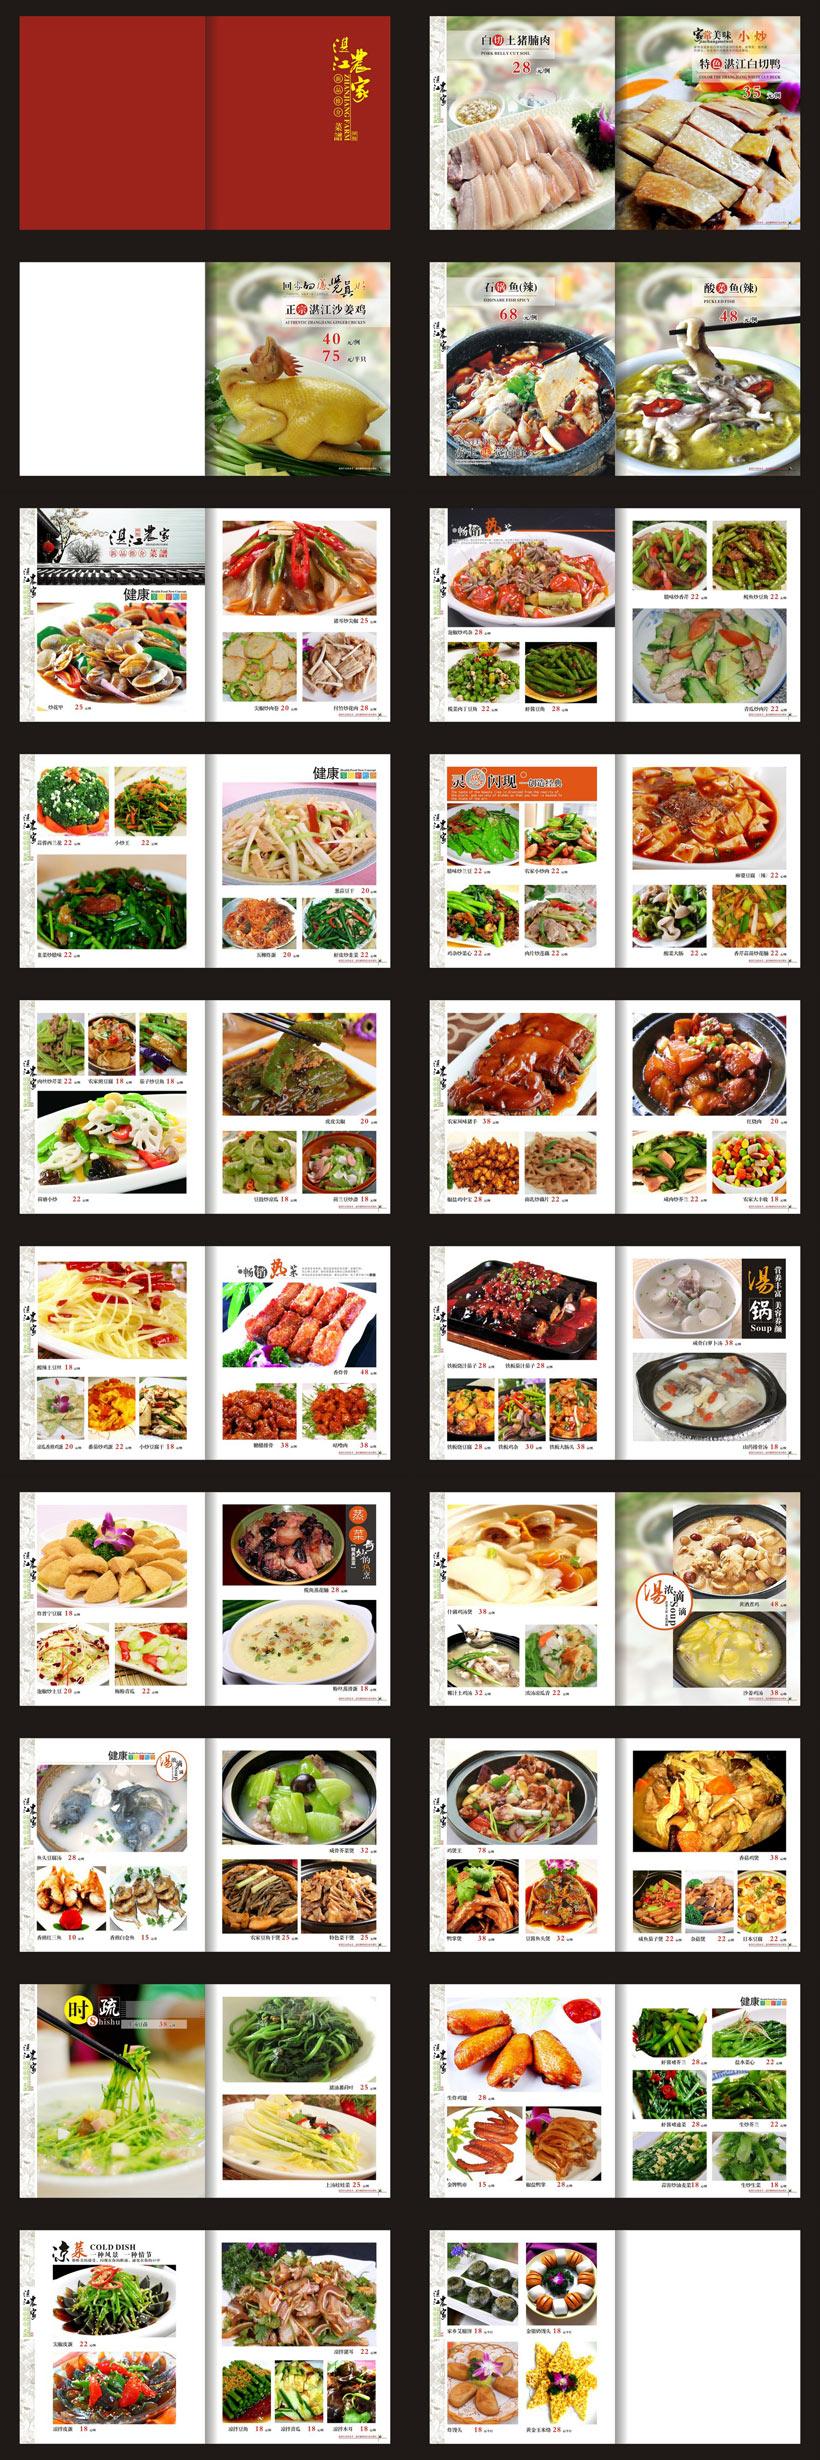 爱图首页 矢量素材 菜单菜谱 > 素材信息   关键字: 湛江农家酒店菜谱